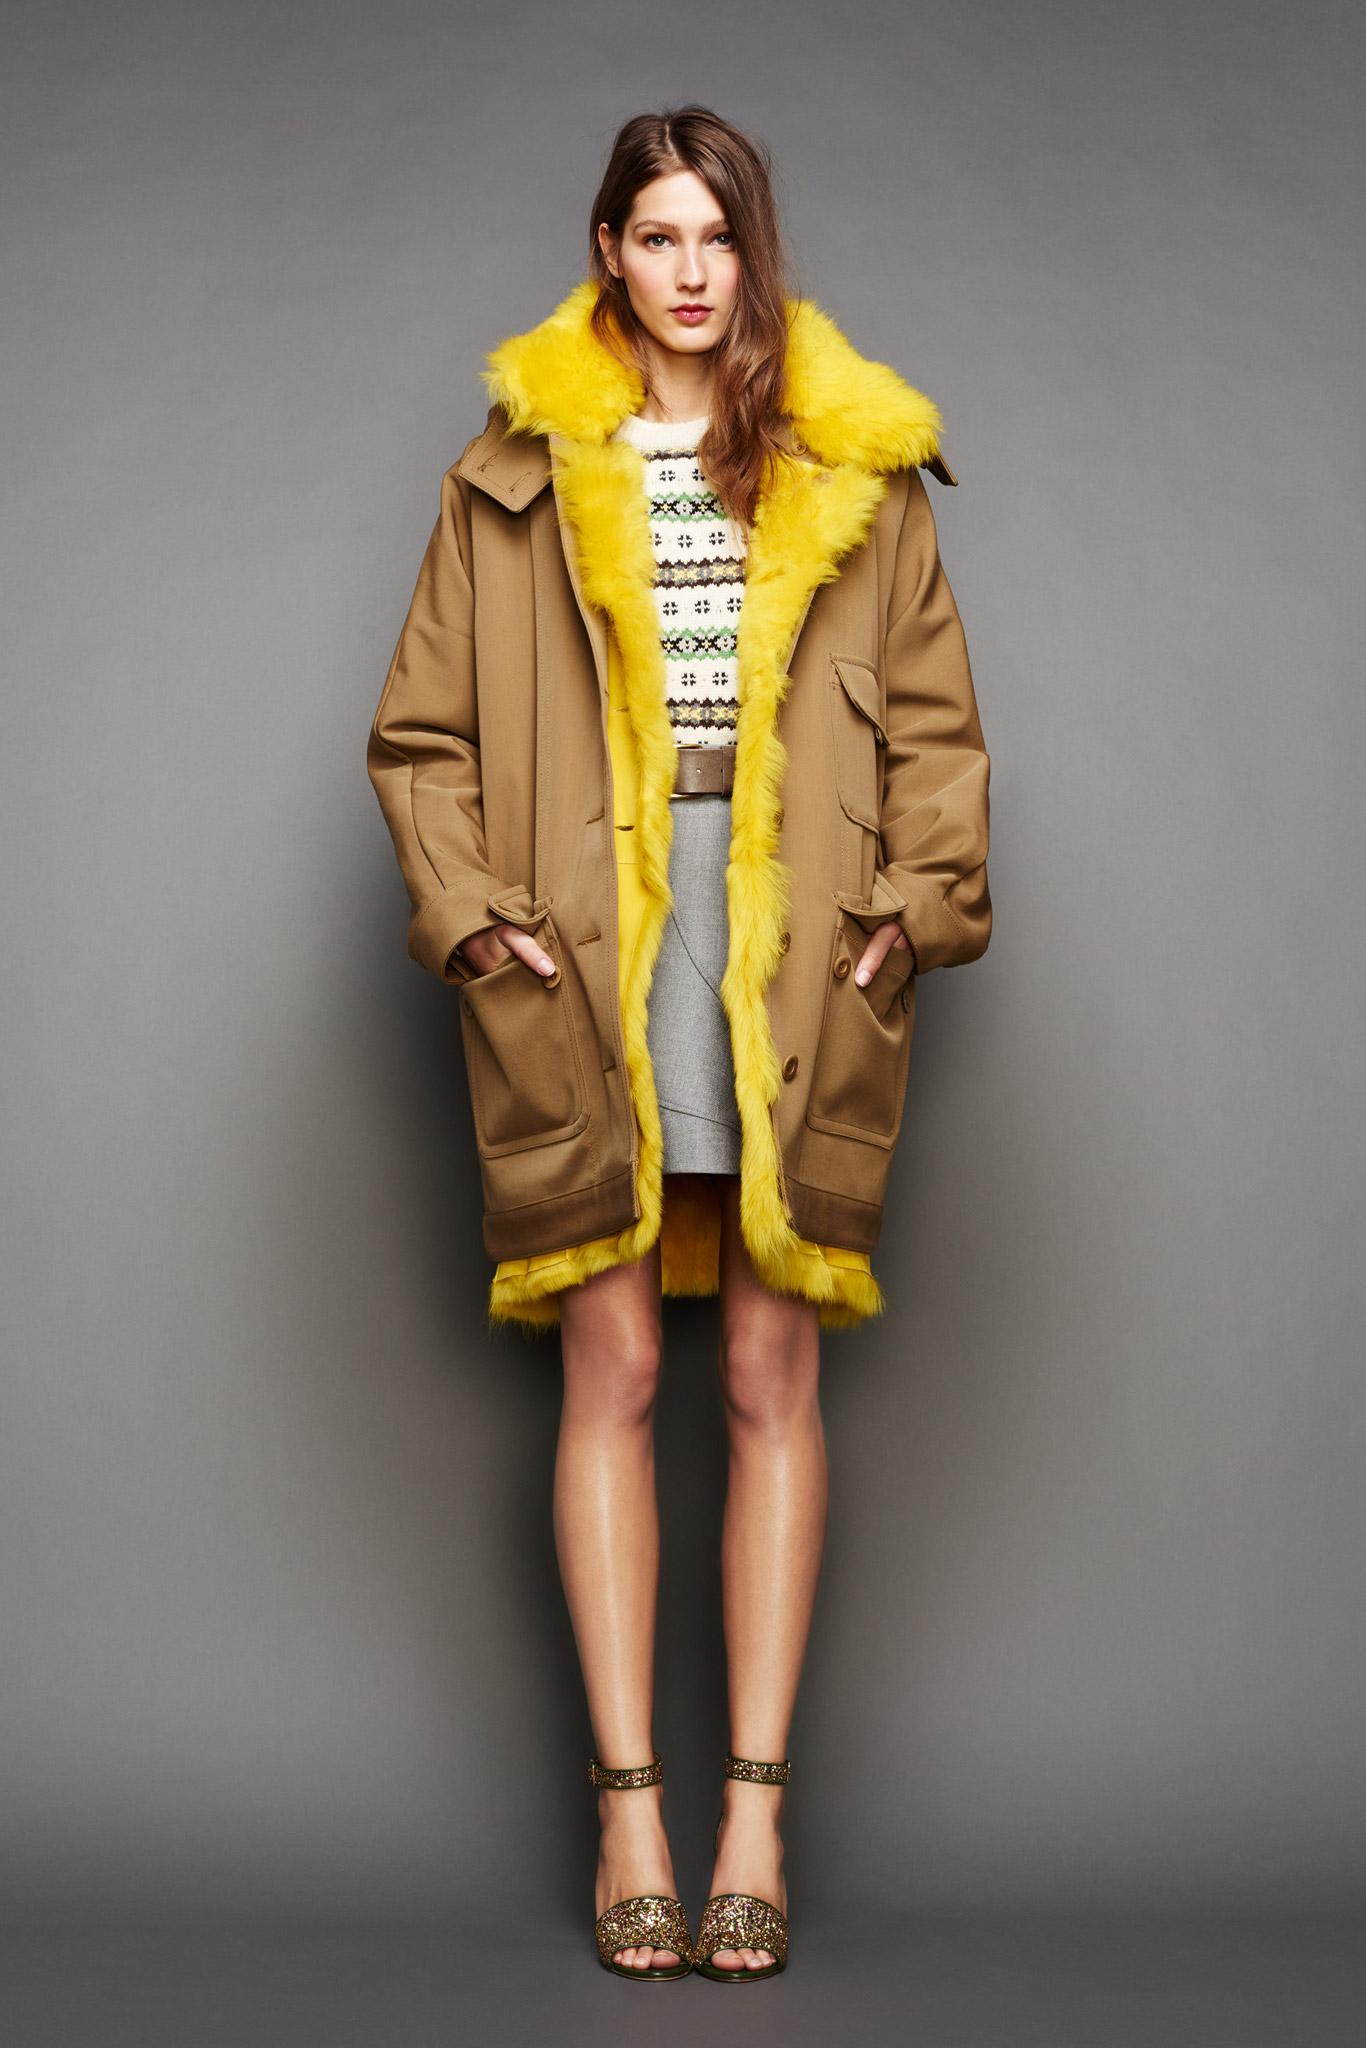 Модные весенние женские куртки 2019 картинки